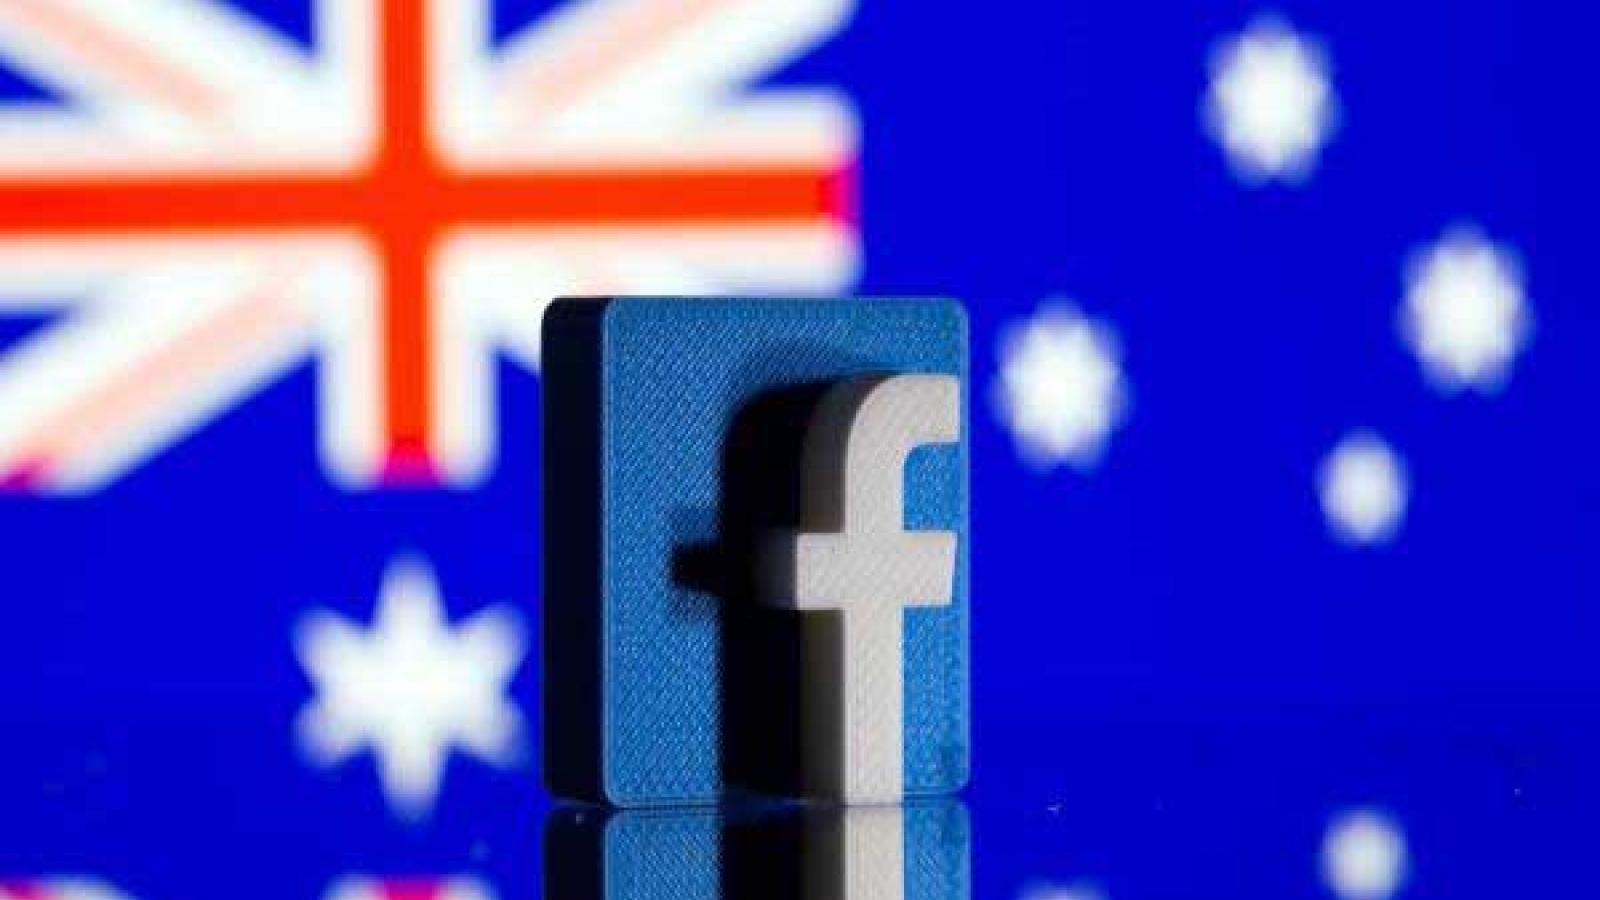 Australia có thể nhượng bộ Facebook trong vấnđềkỹ thuật